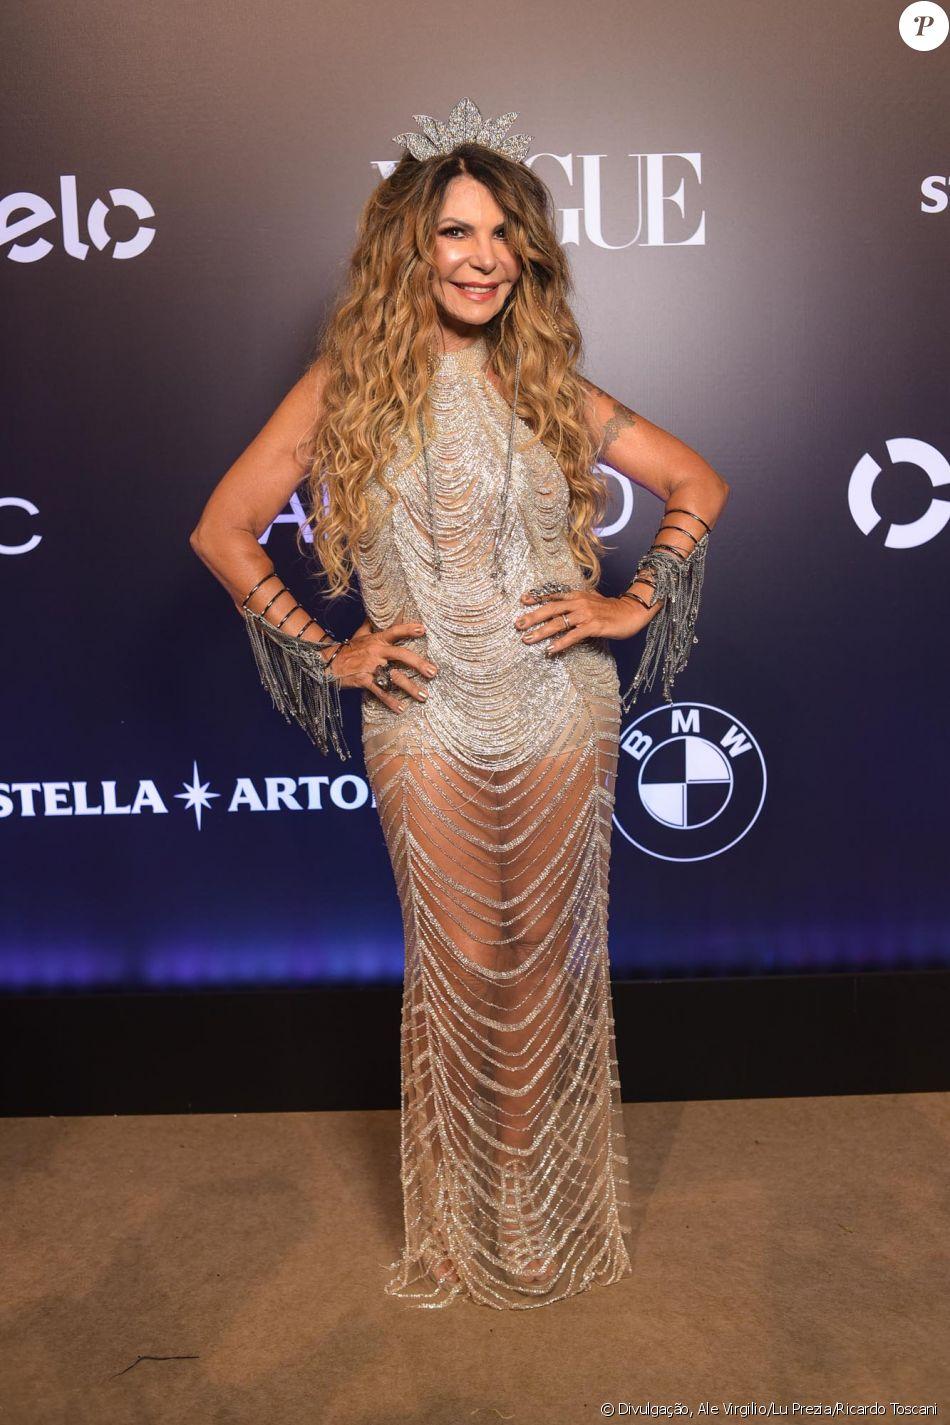 Elba Ramalho de Maracujá no Baile da Vogue, realizado no Hotel Unique, em  São Paulo, na noite desta quinta-feira, 1º de fevereiro de 2018 8e741aca9f